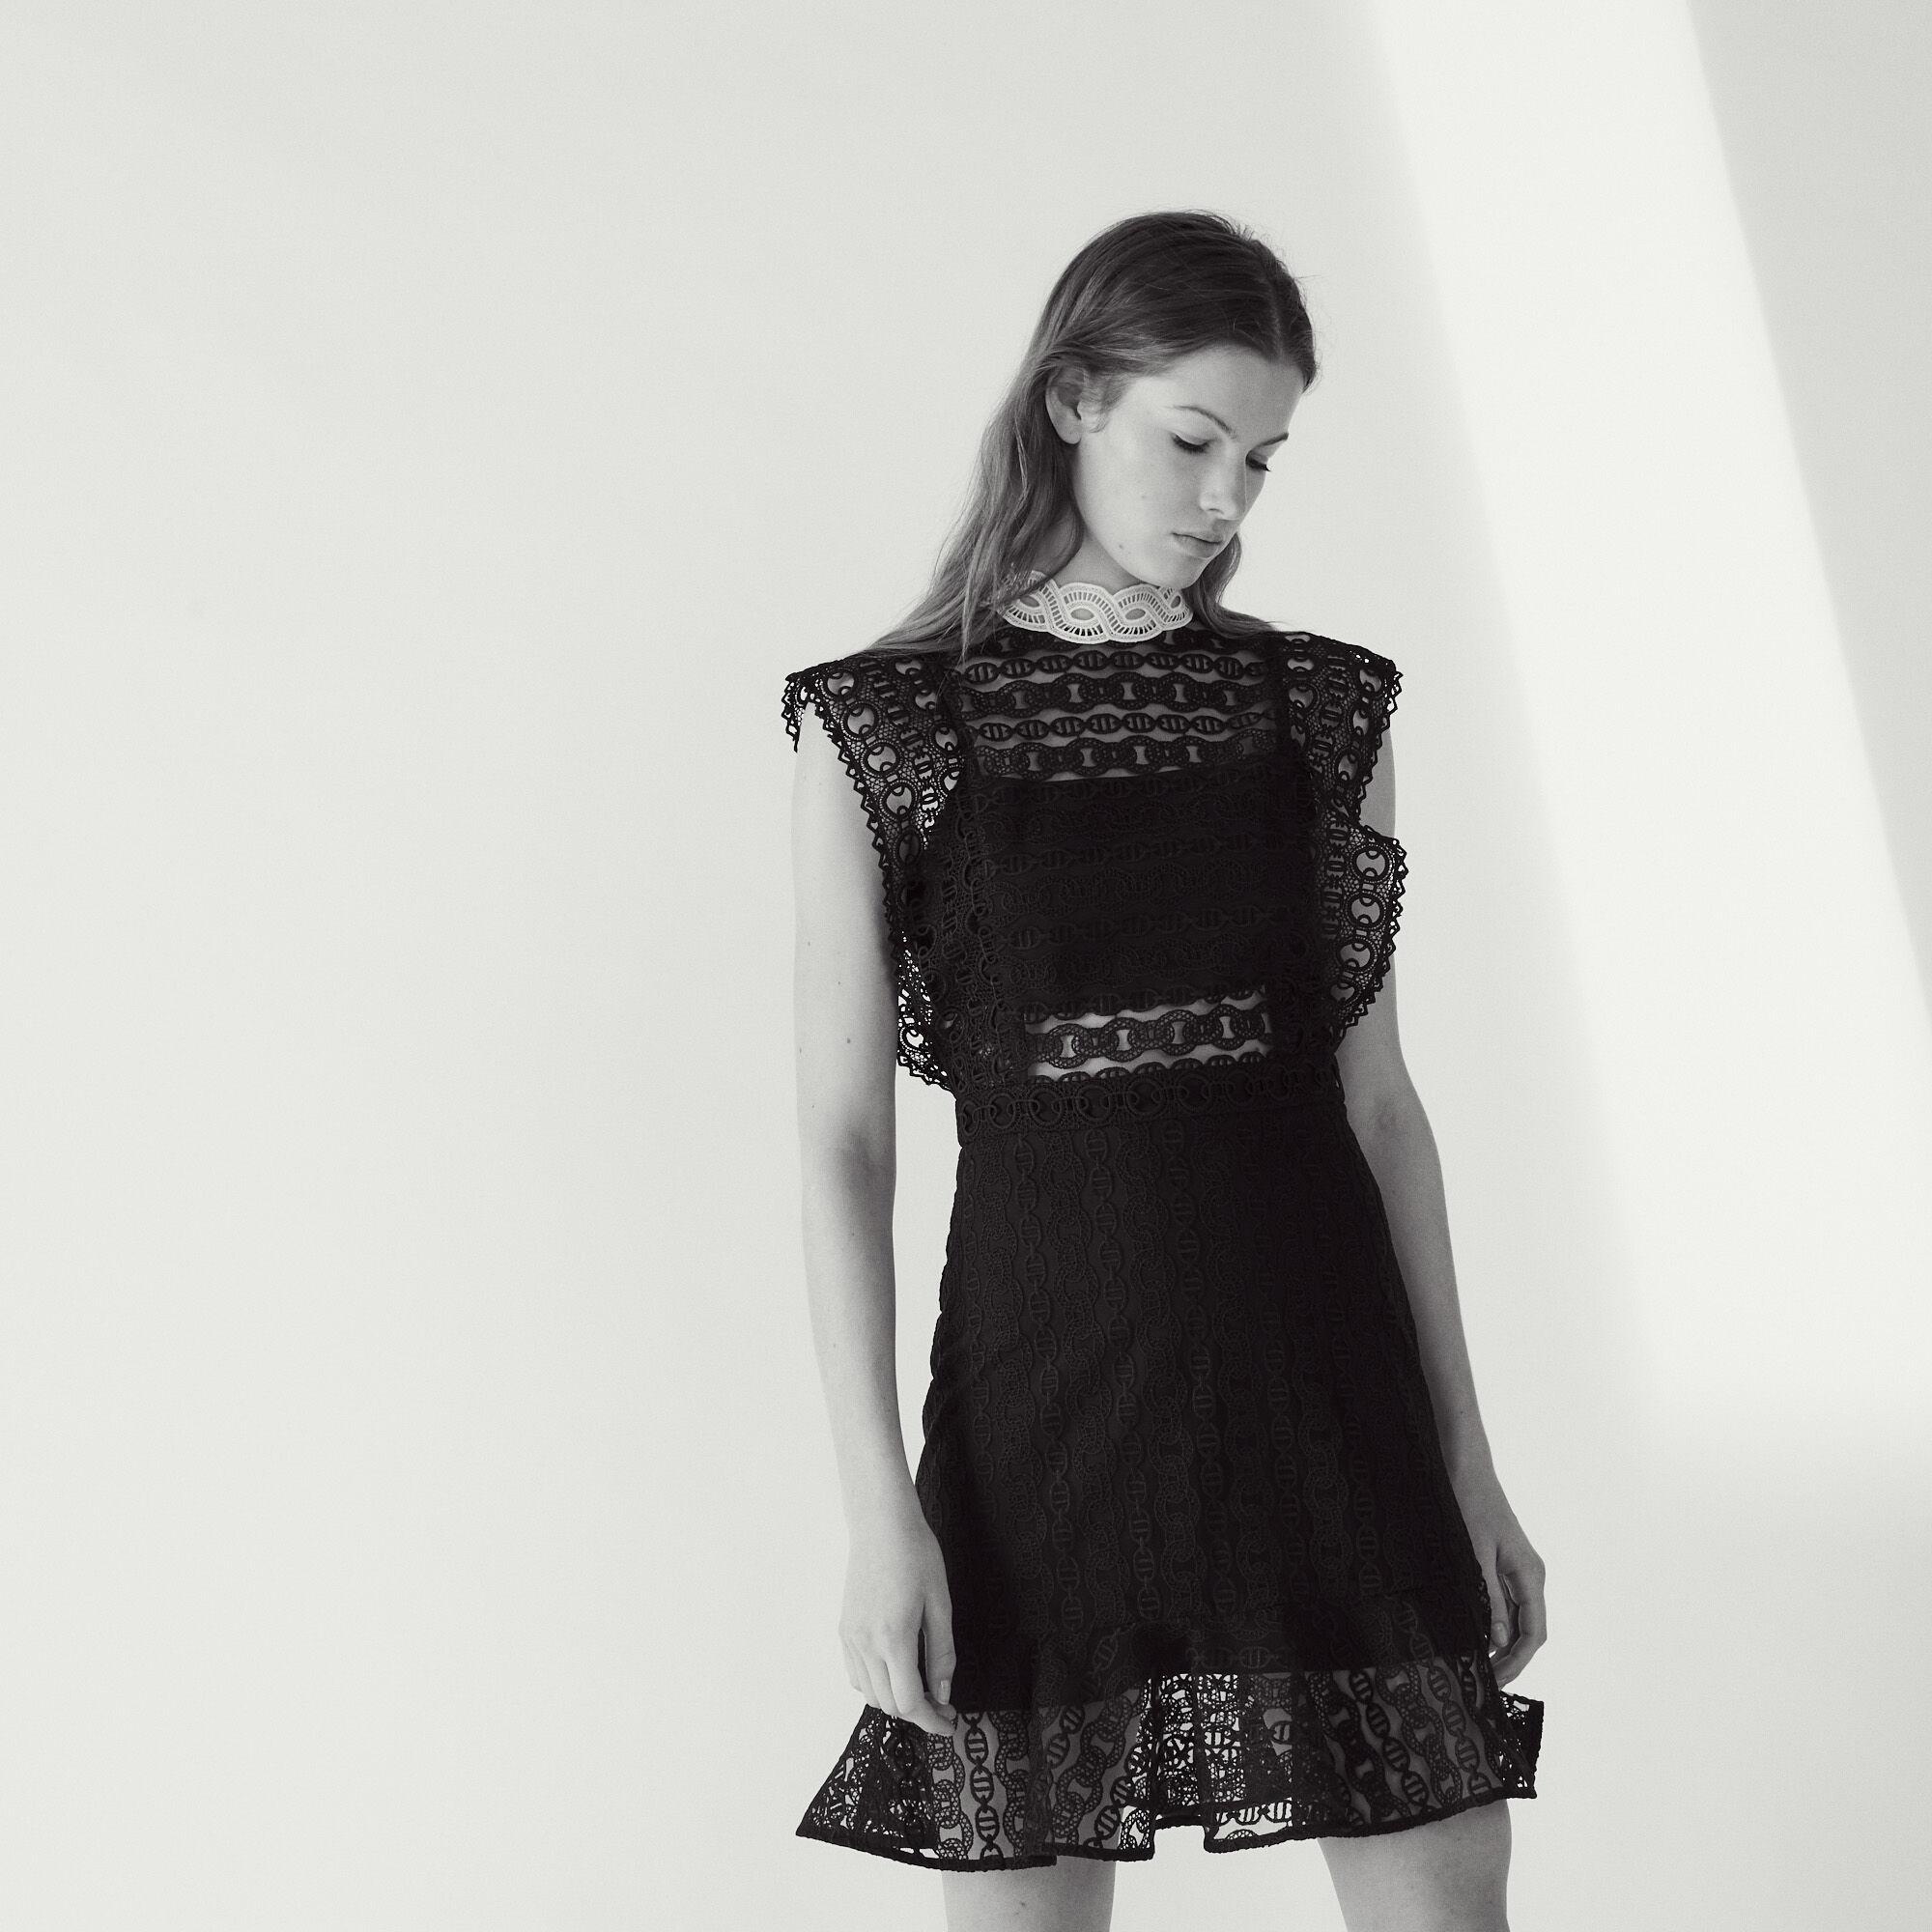 Pour Prêt À Femme Robes Paris Porter Sandro T1pqxfw